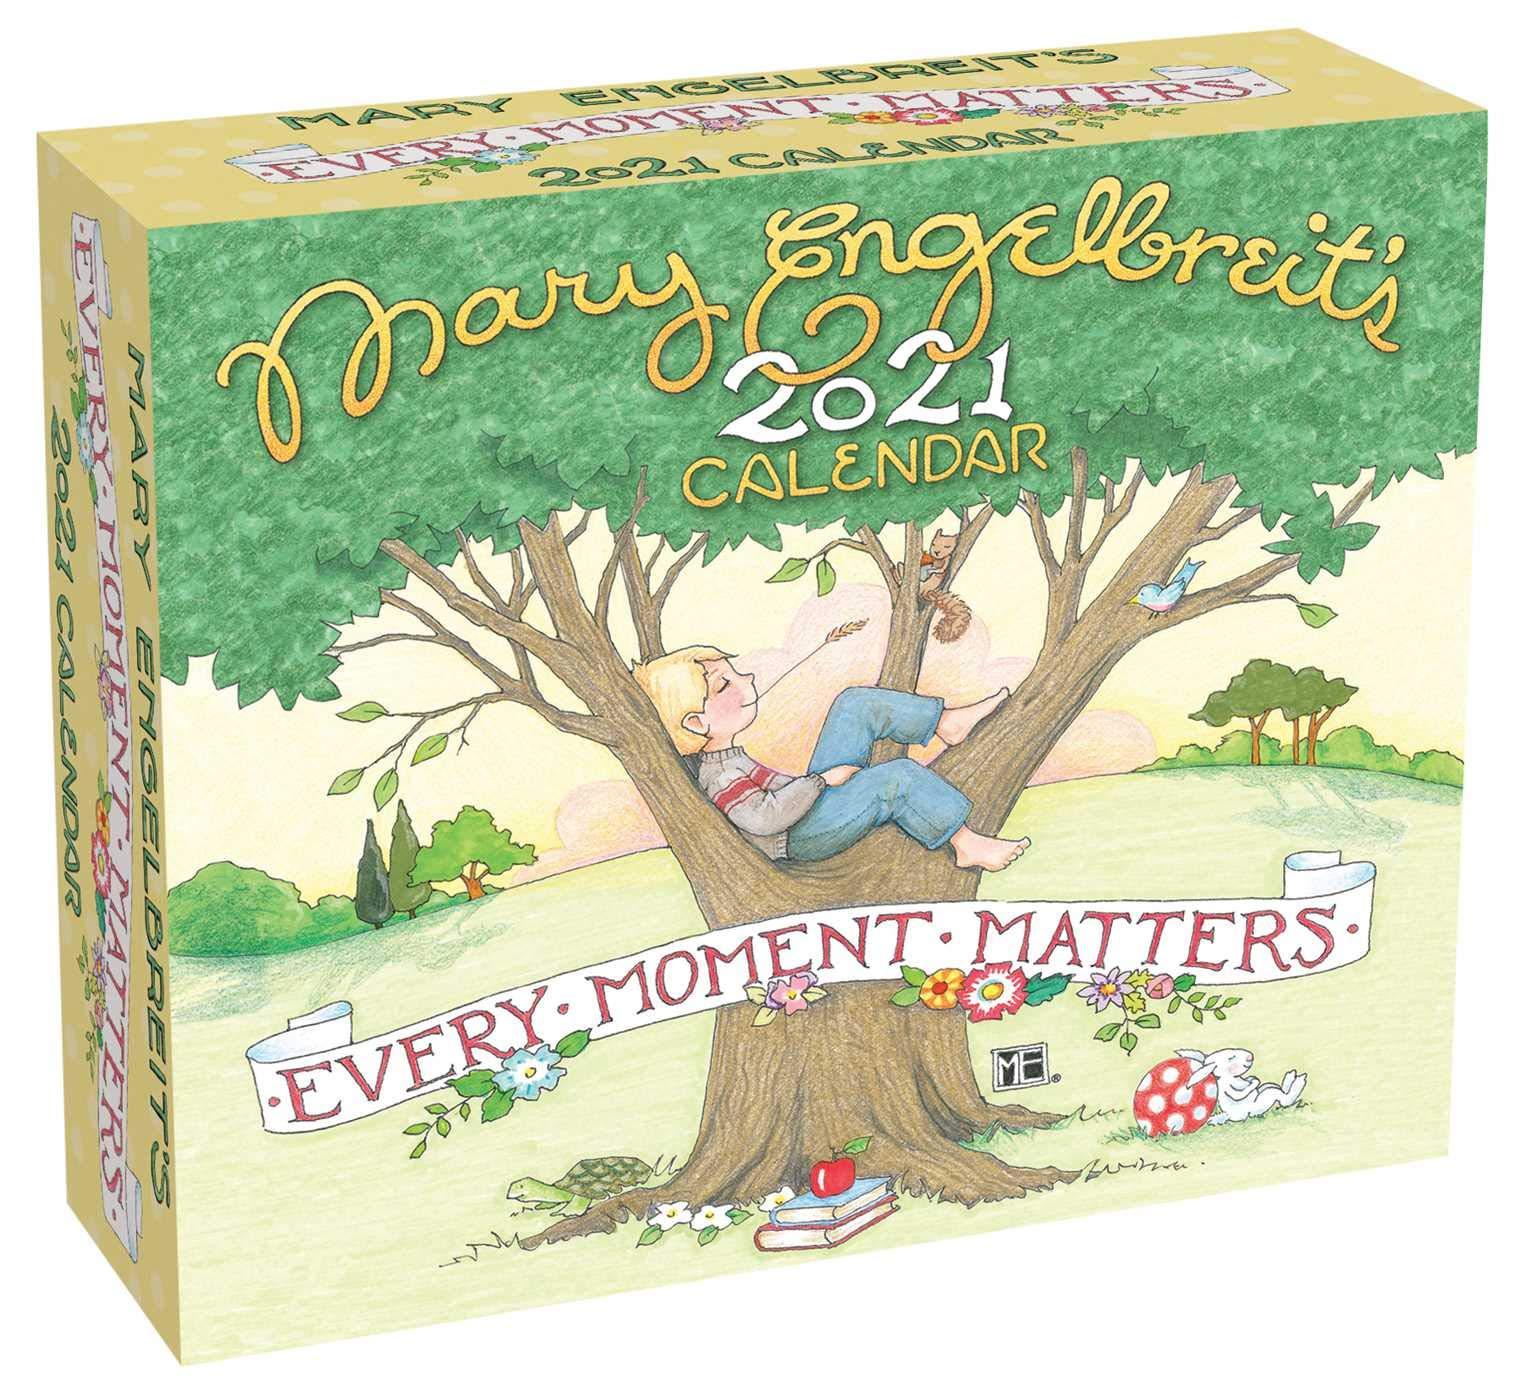 Photos of Mary 2021 Calendar